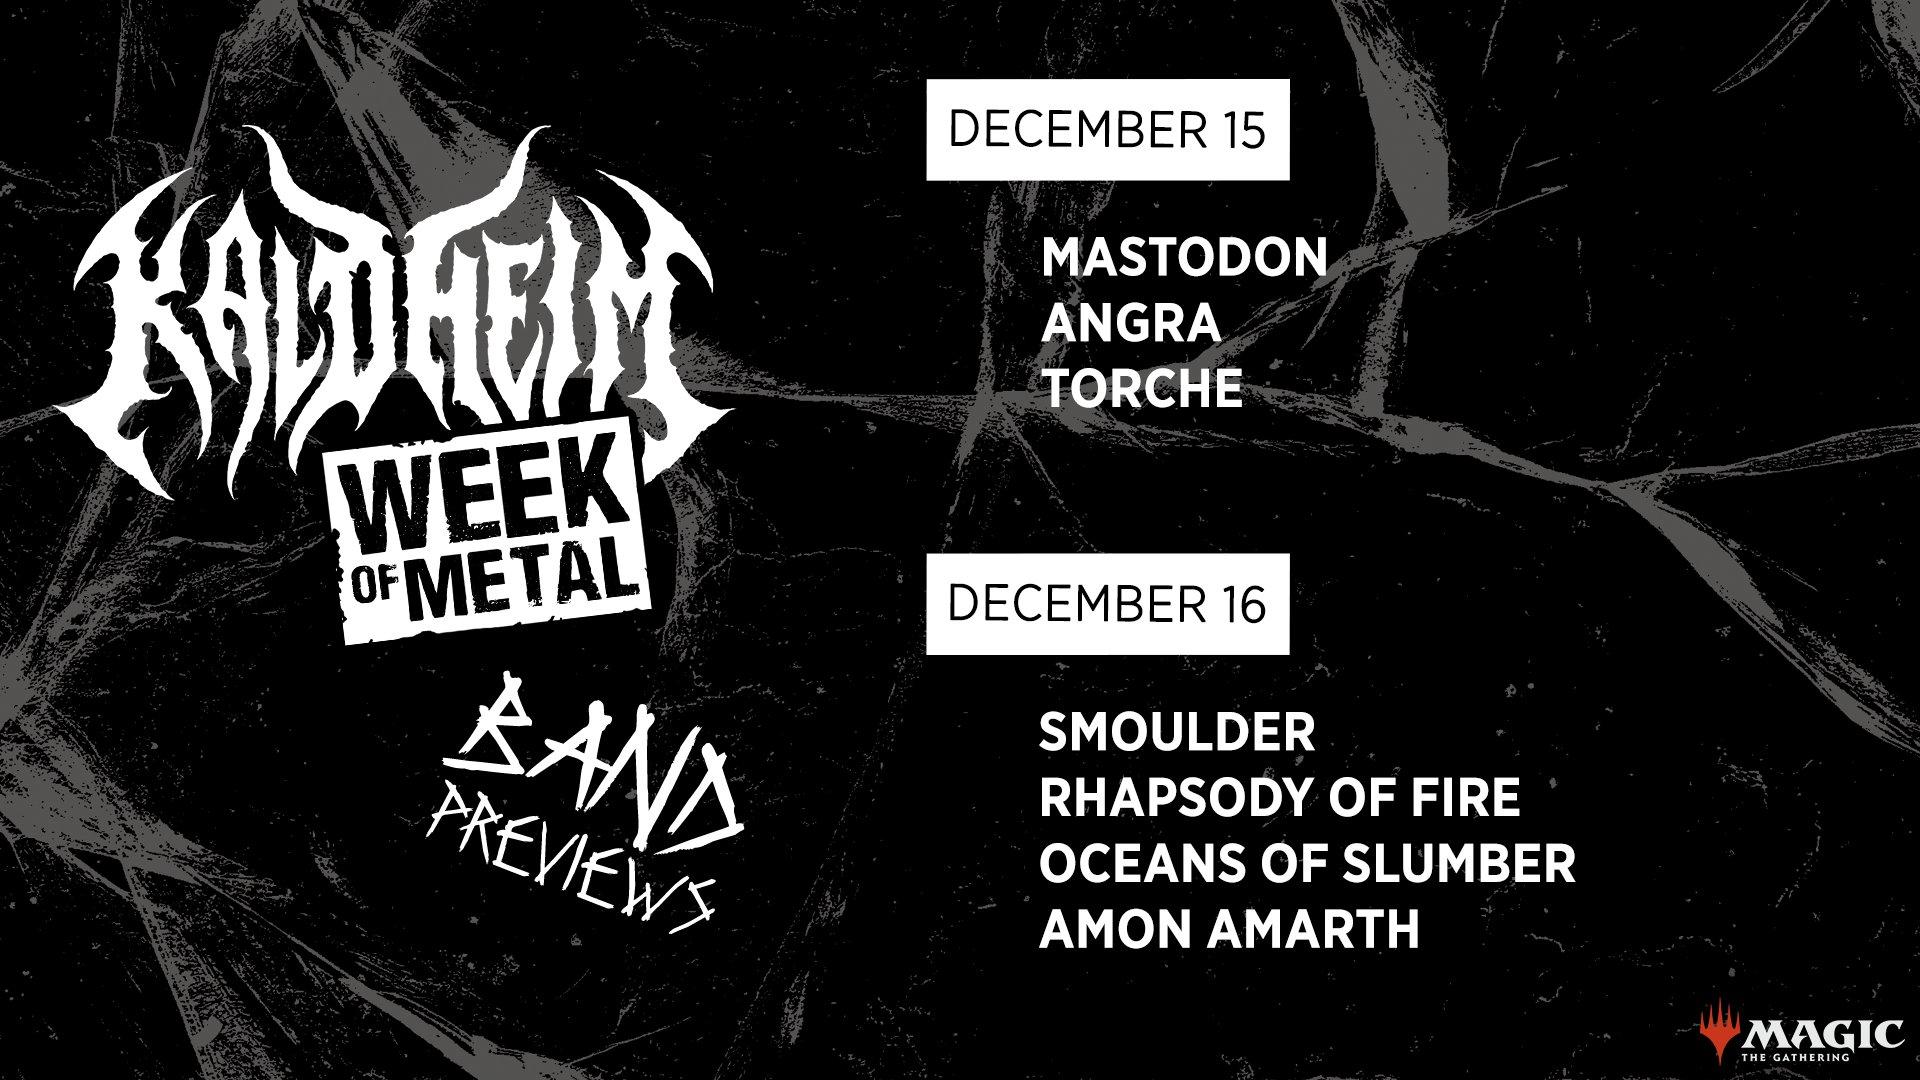 Week of Metal Schedule